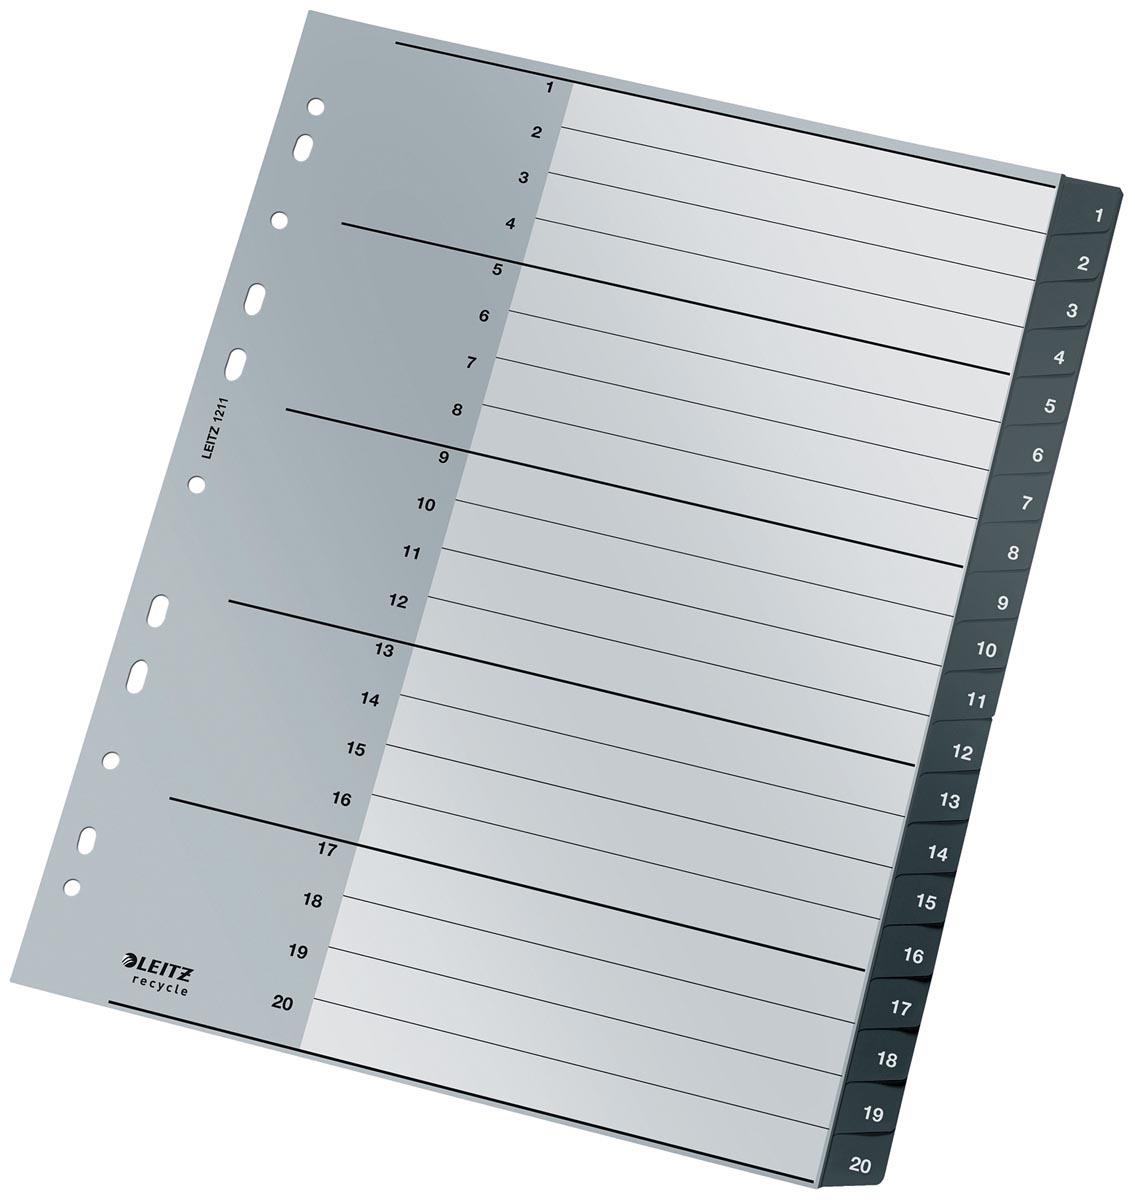 Leitz Recycle tabbladen, ft A4, 11-gaatsperforatie, PP, zwart, 1-20